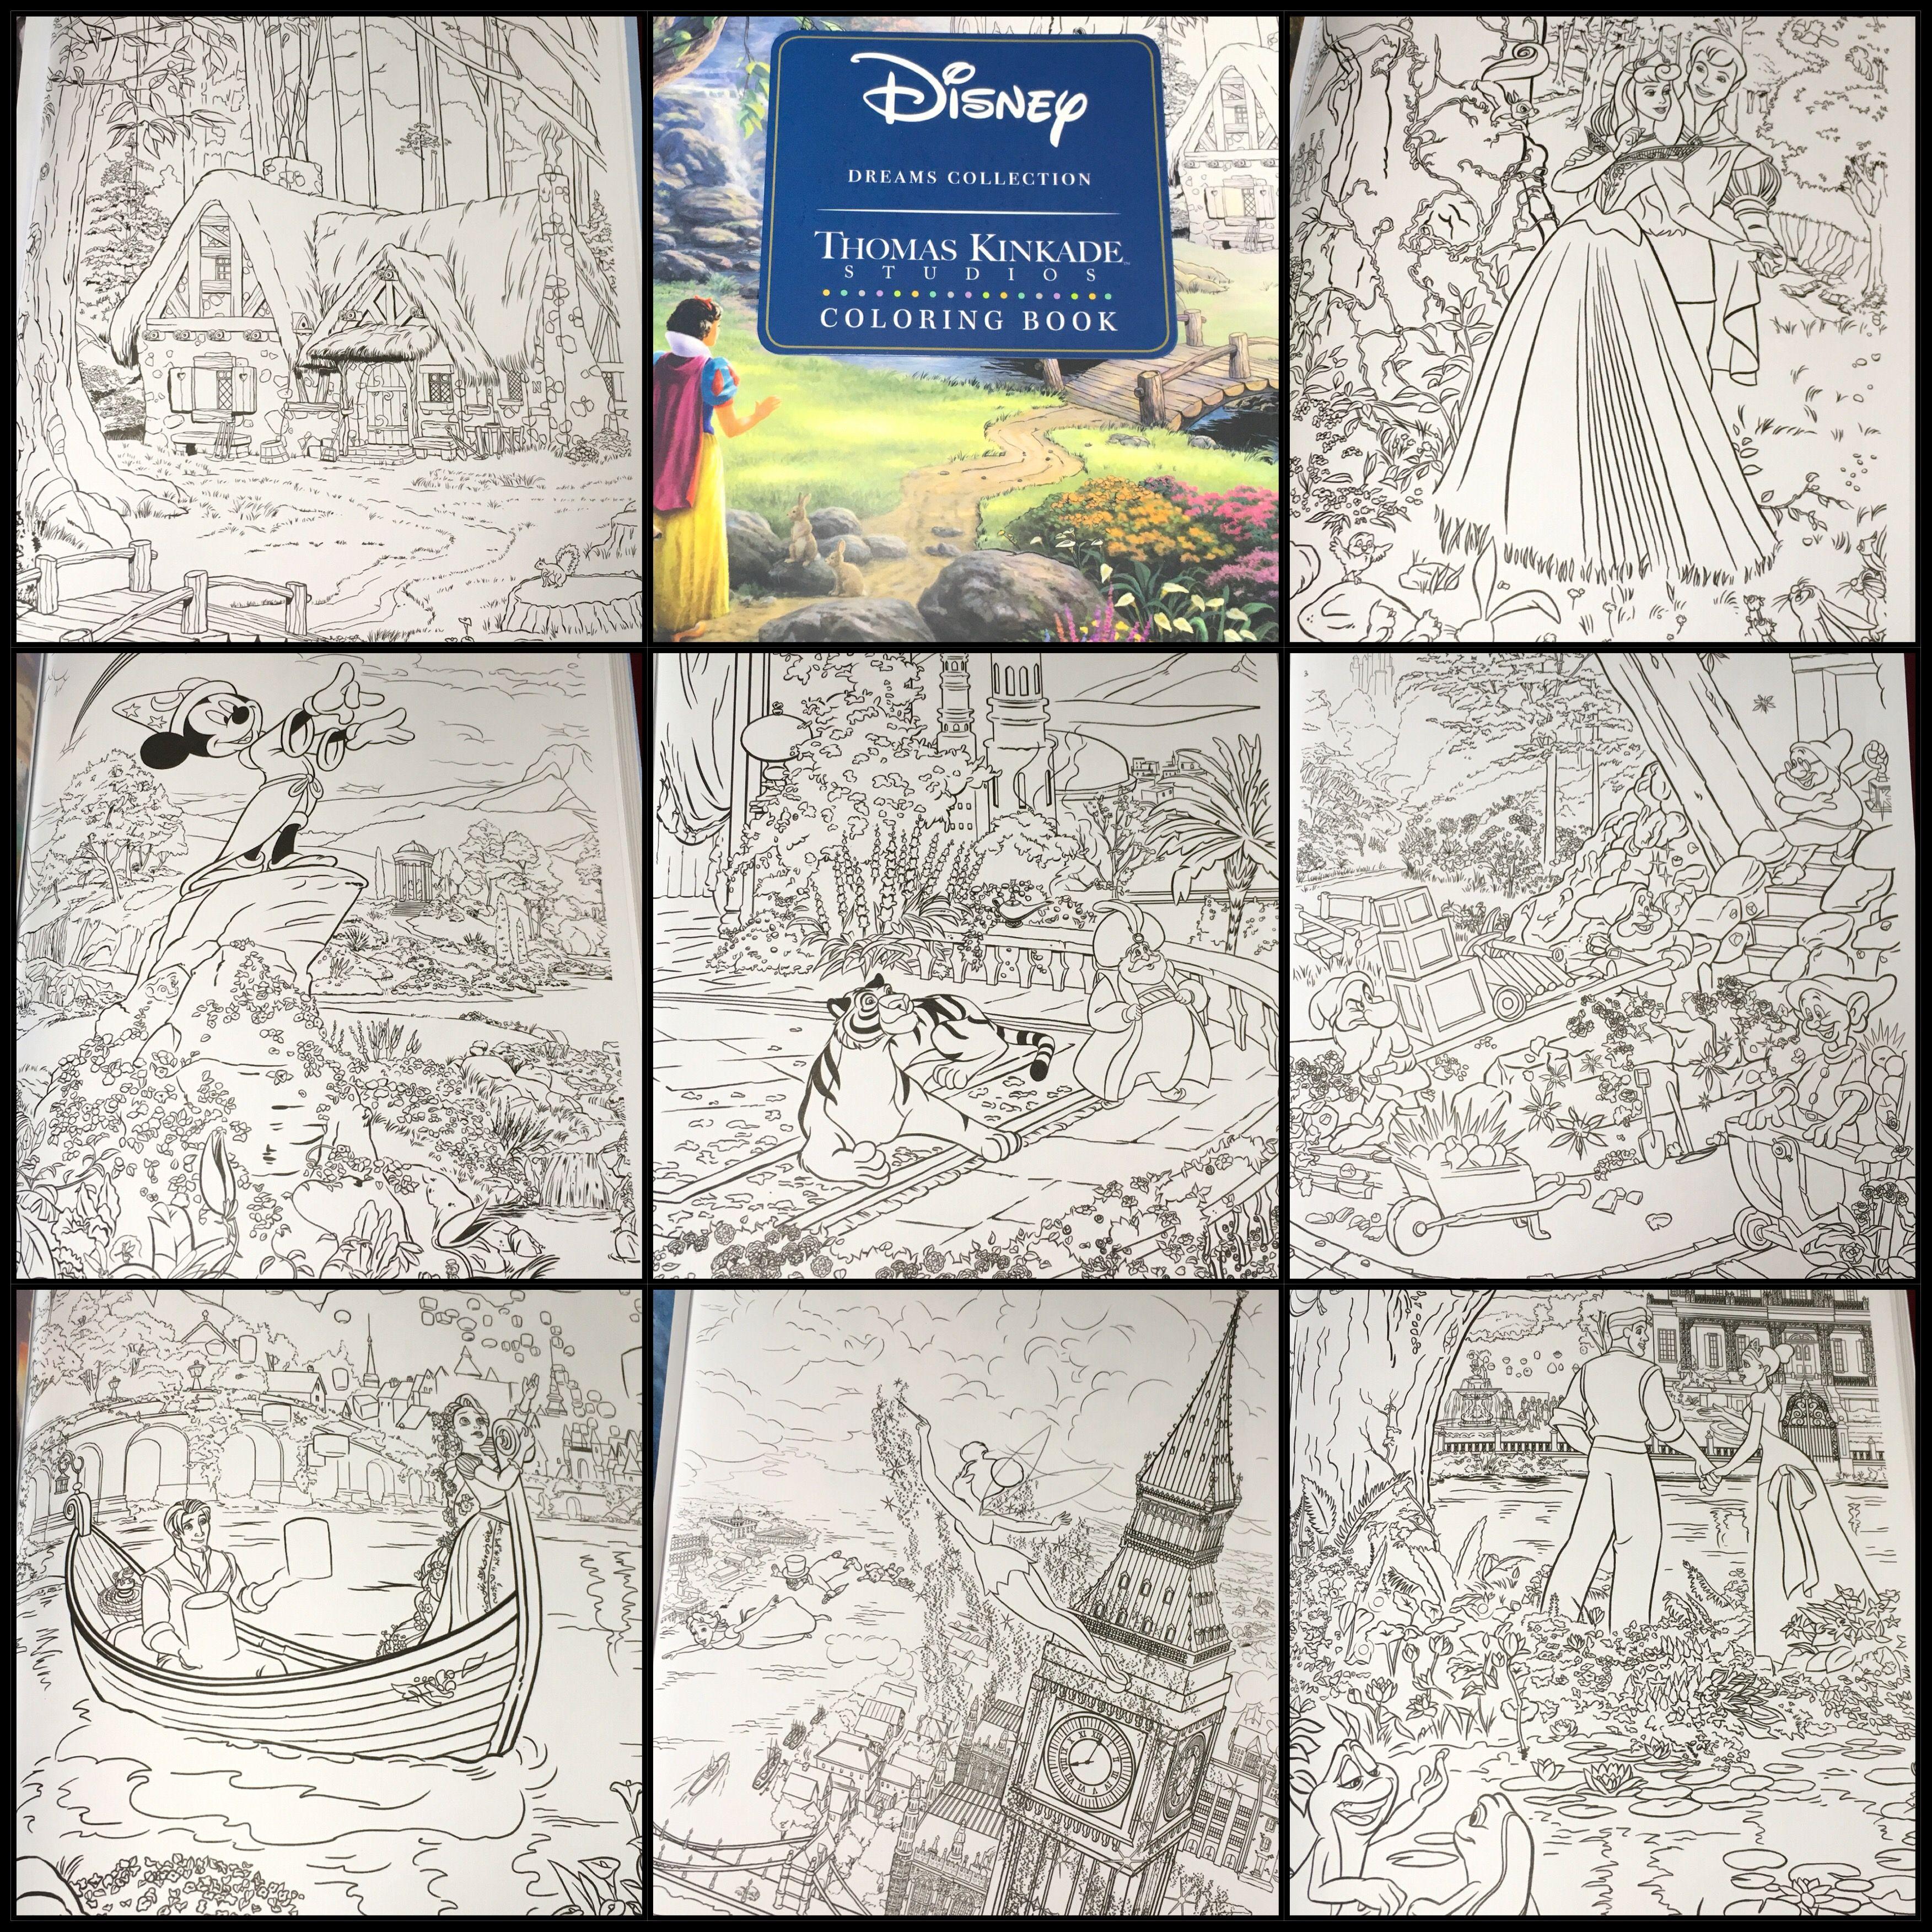 Disney Dreams Collection By Thomas Kinkade  Thomas kinkade